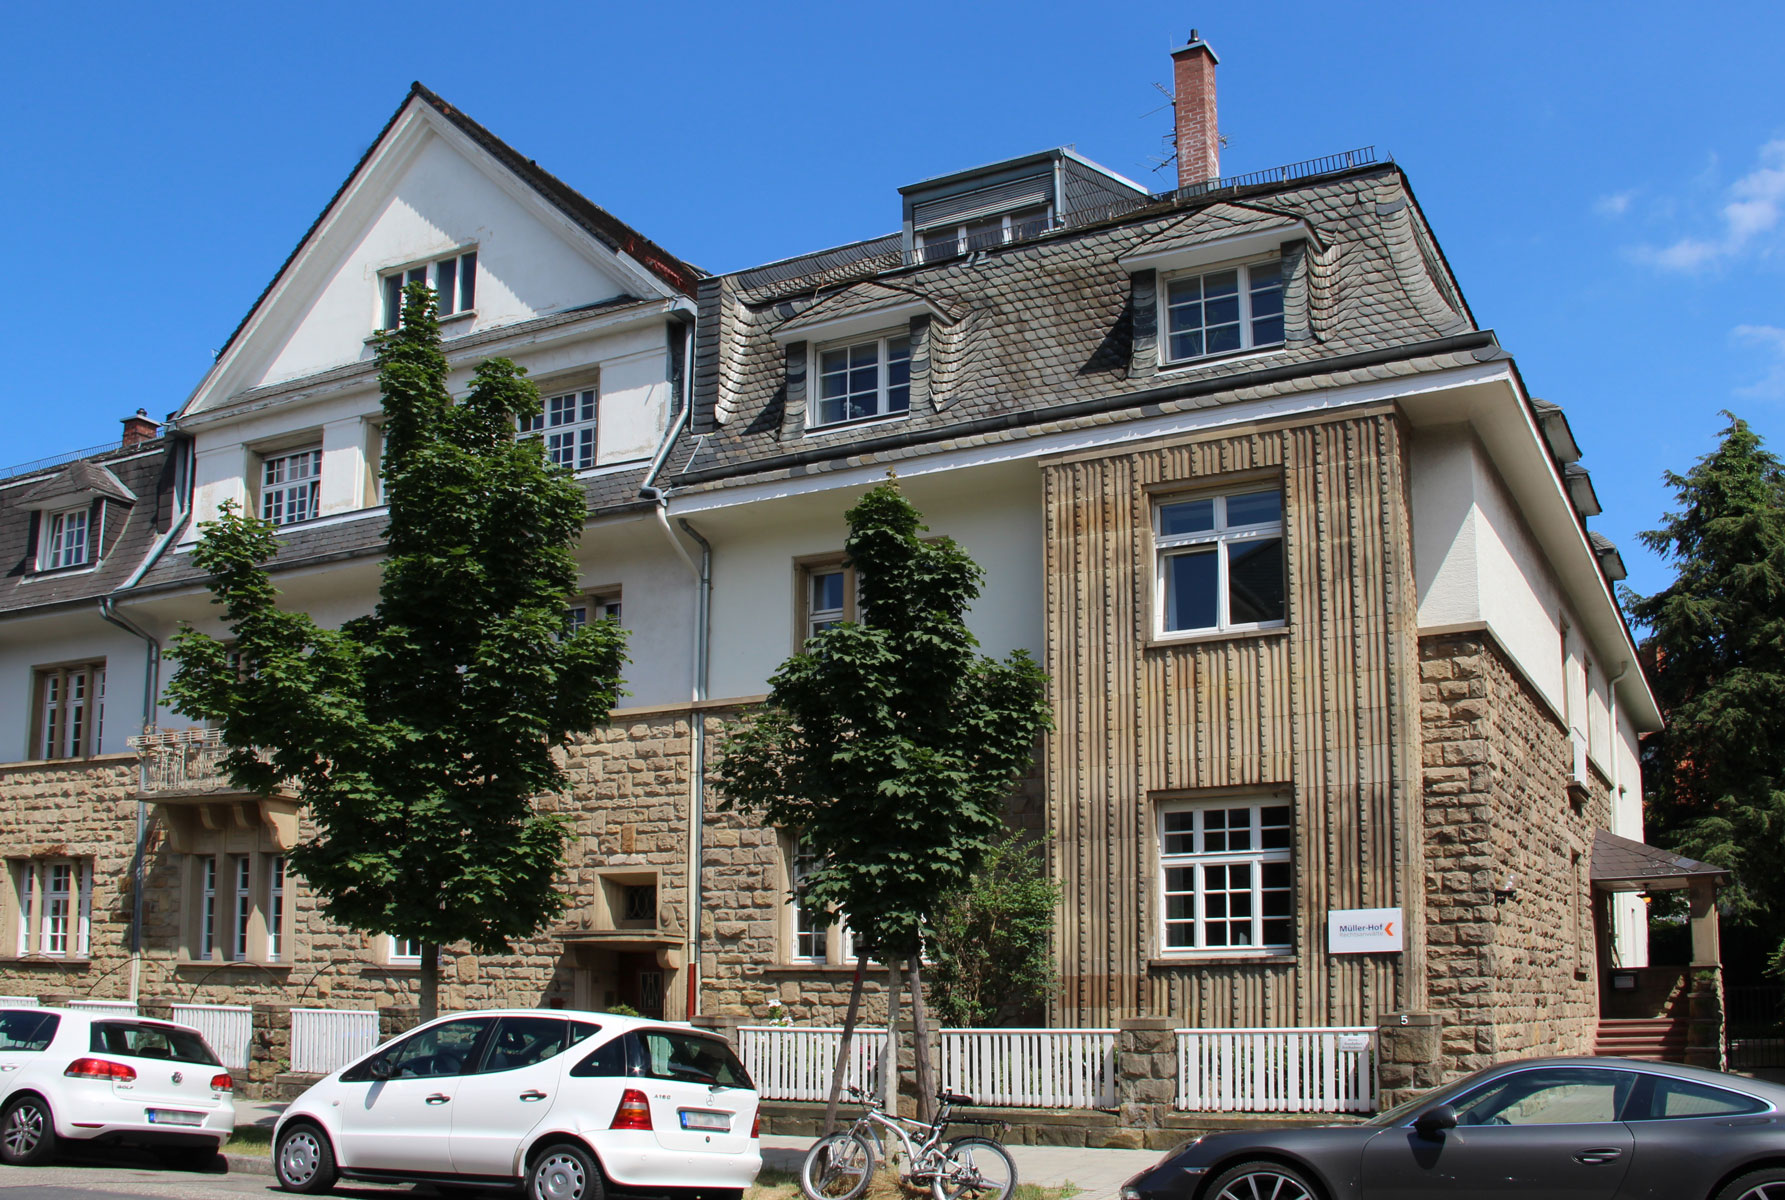 Kanzlei Müller-Hof Rechtsanwälte in Karlsruhe - Ansicht von der Beethovenstraße 5